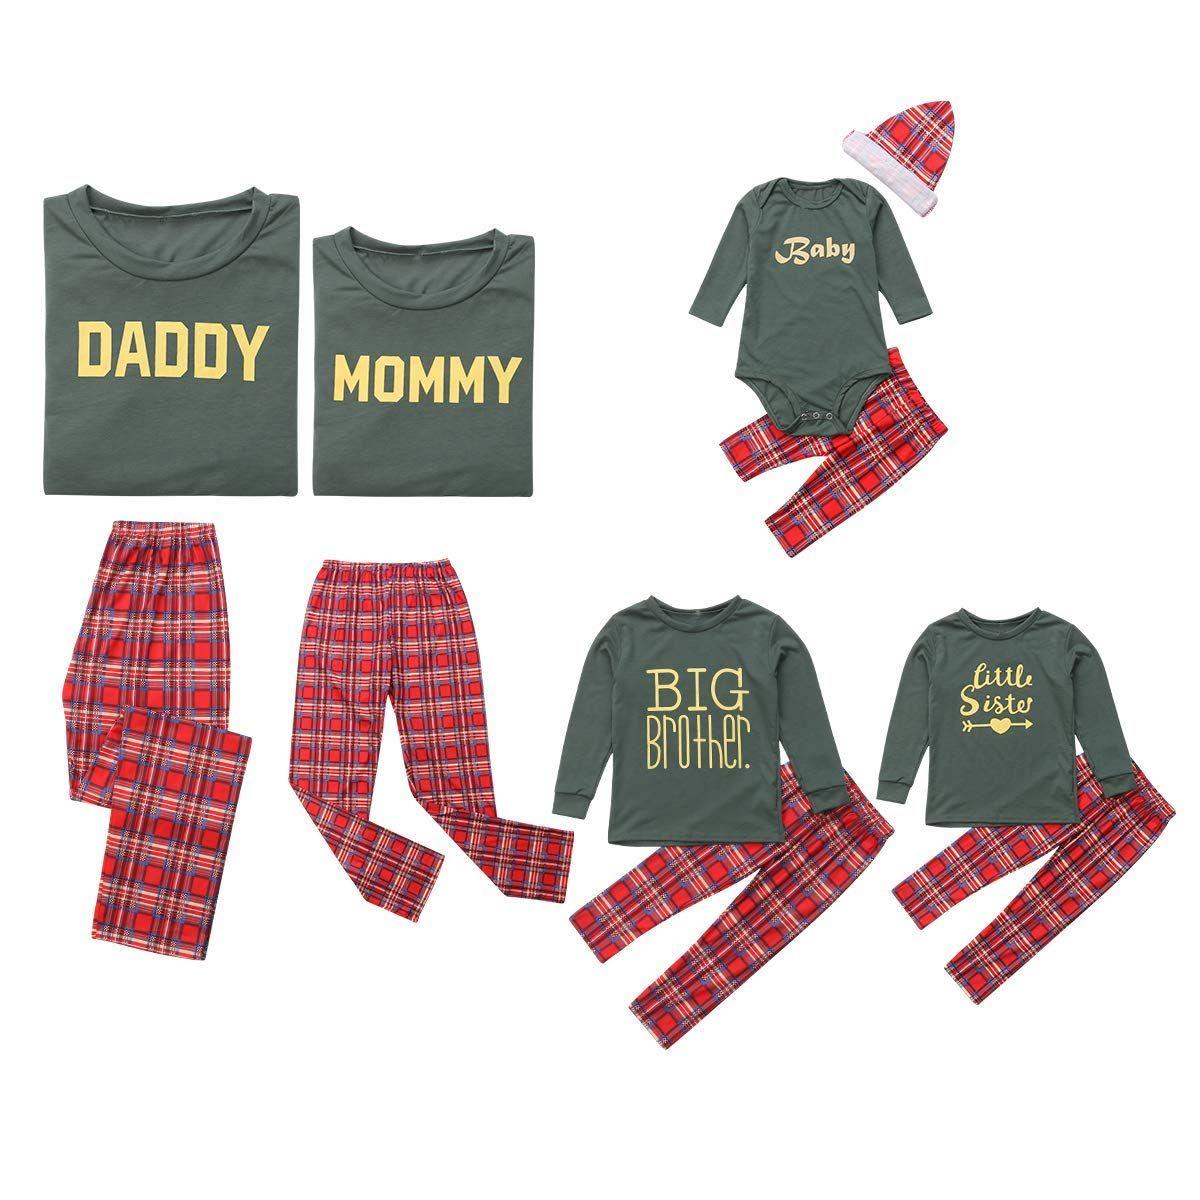 selezione migliore ac8c3 86026 Natale in famiglia, i pigiami sono coordinati – Tvzap